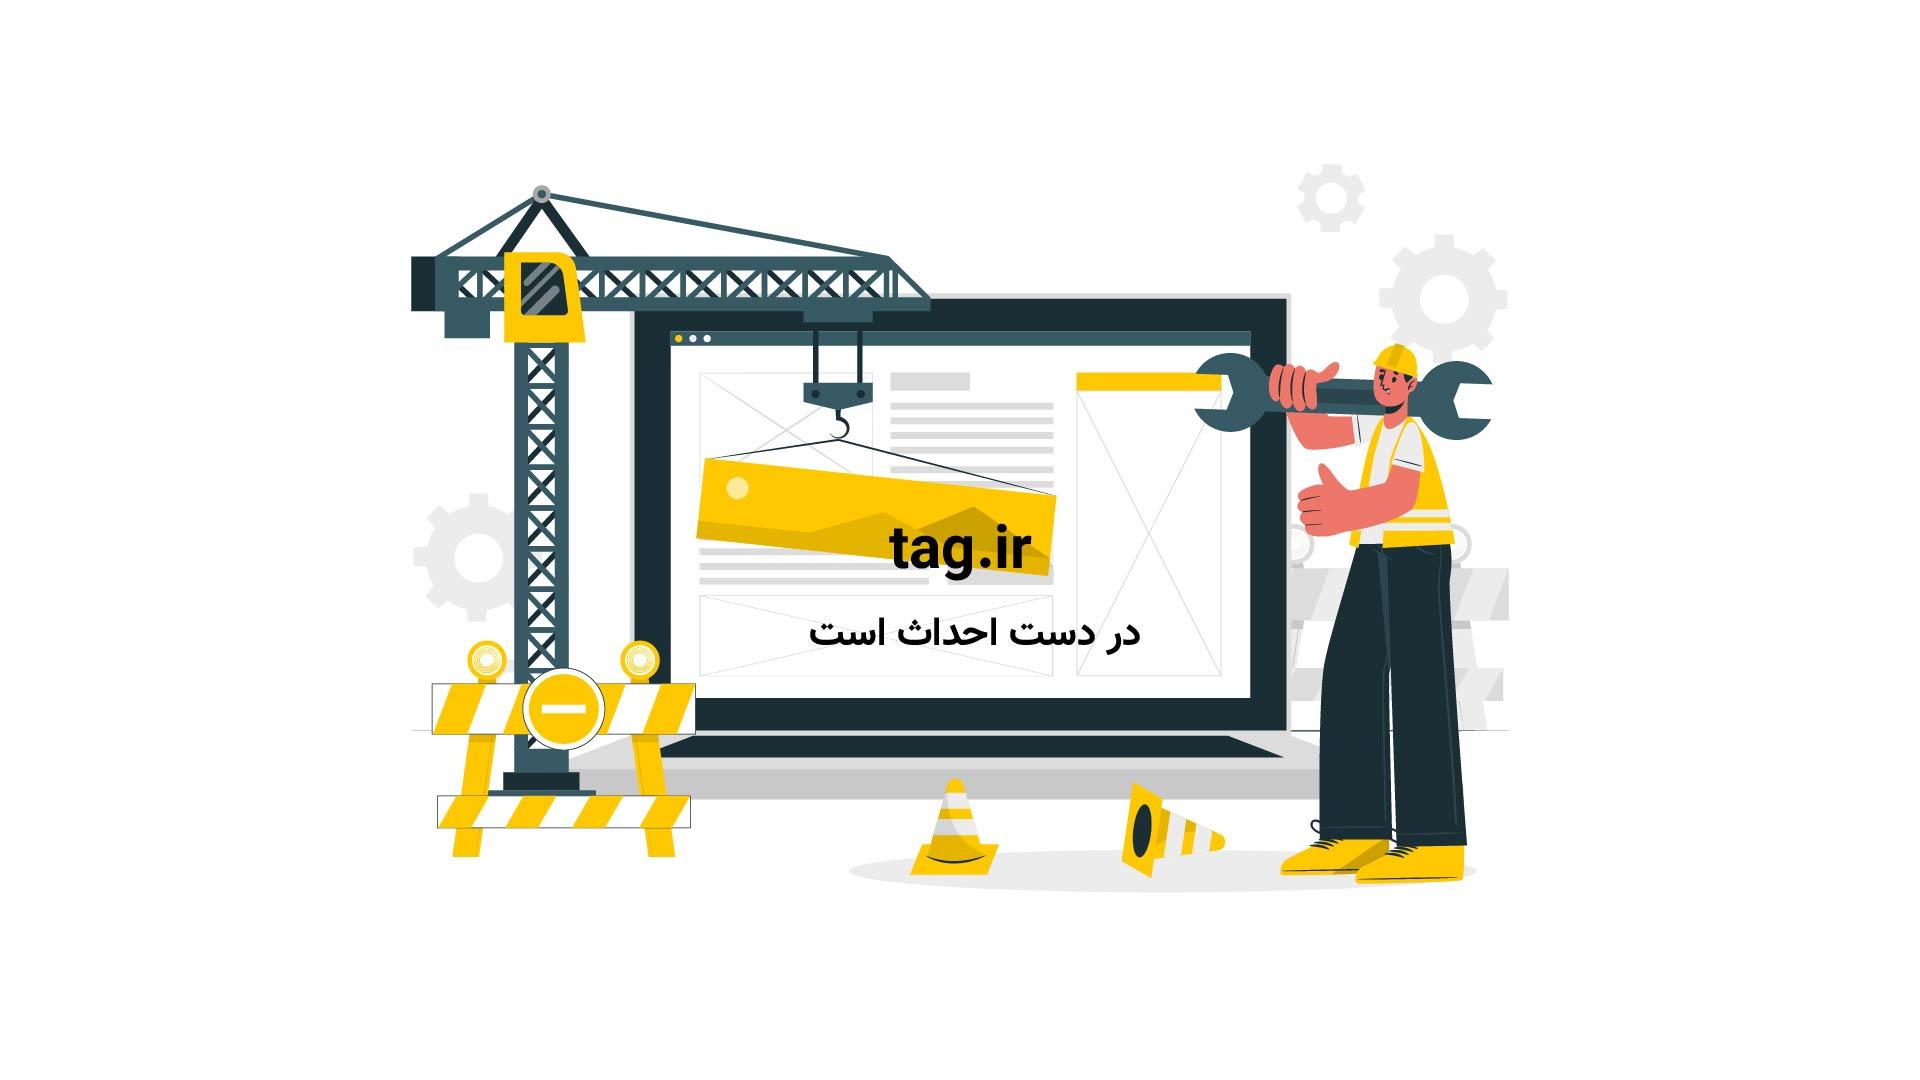 میوه-ها-به-انگلیسی